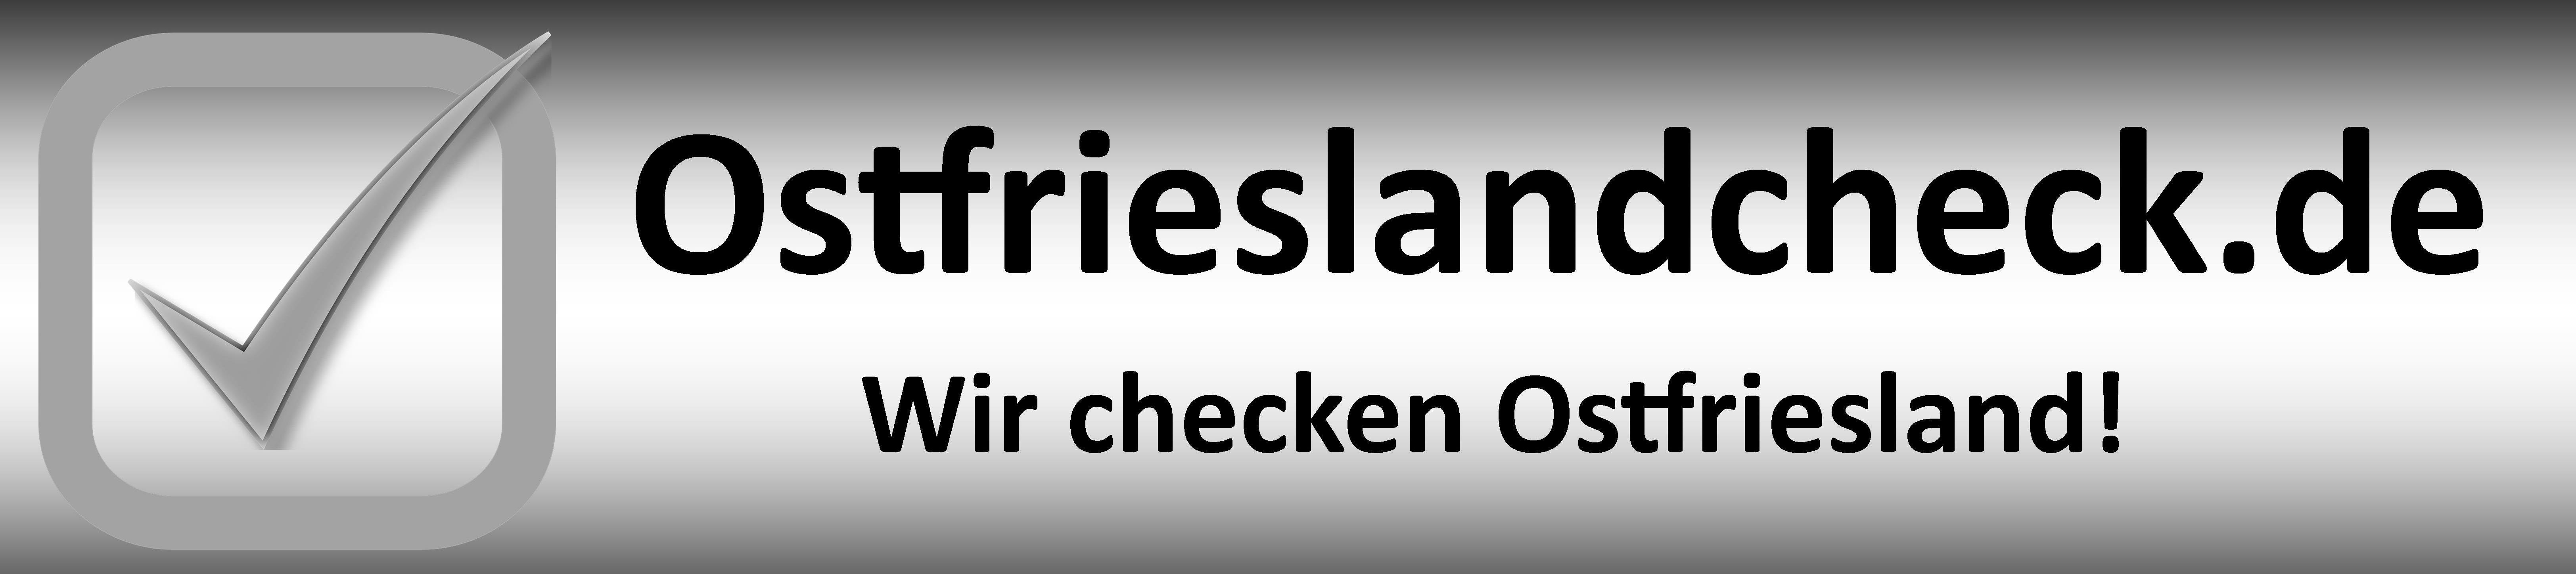 Ostfrieslandcheck.de